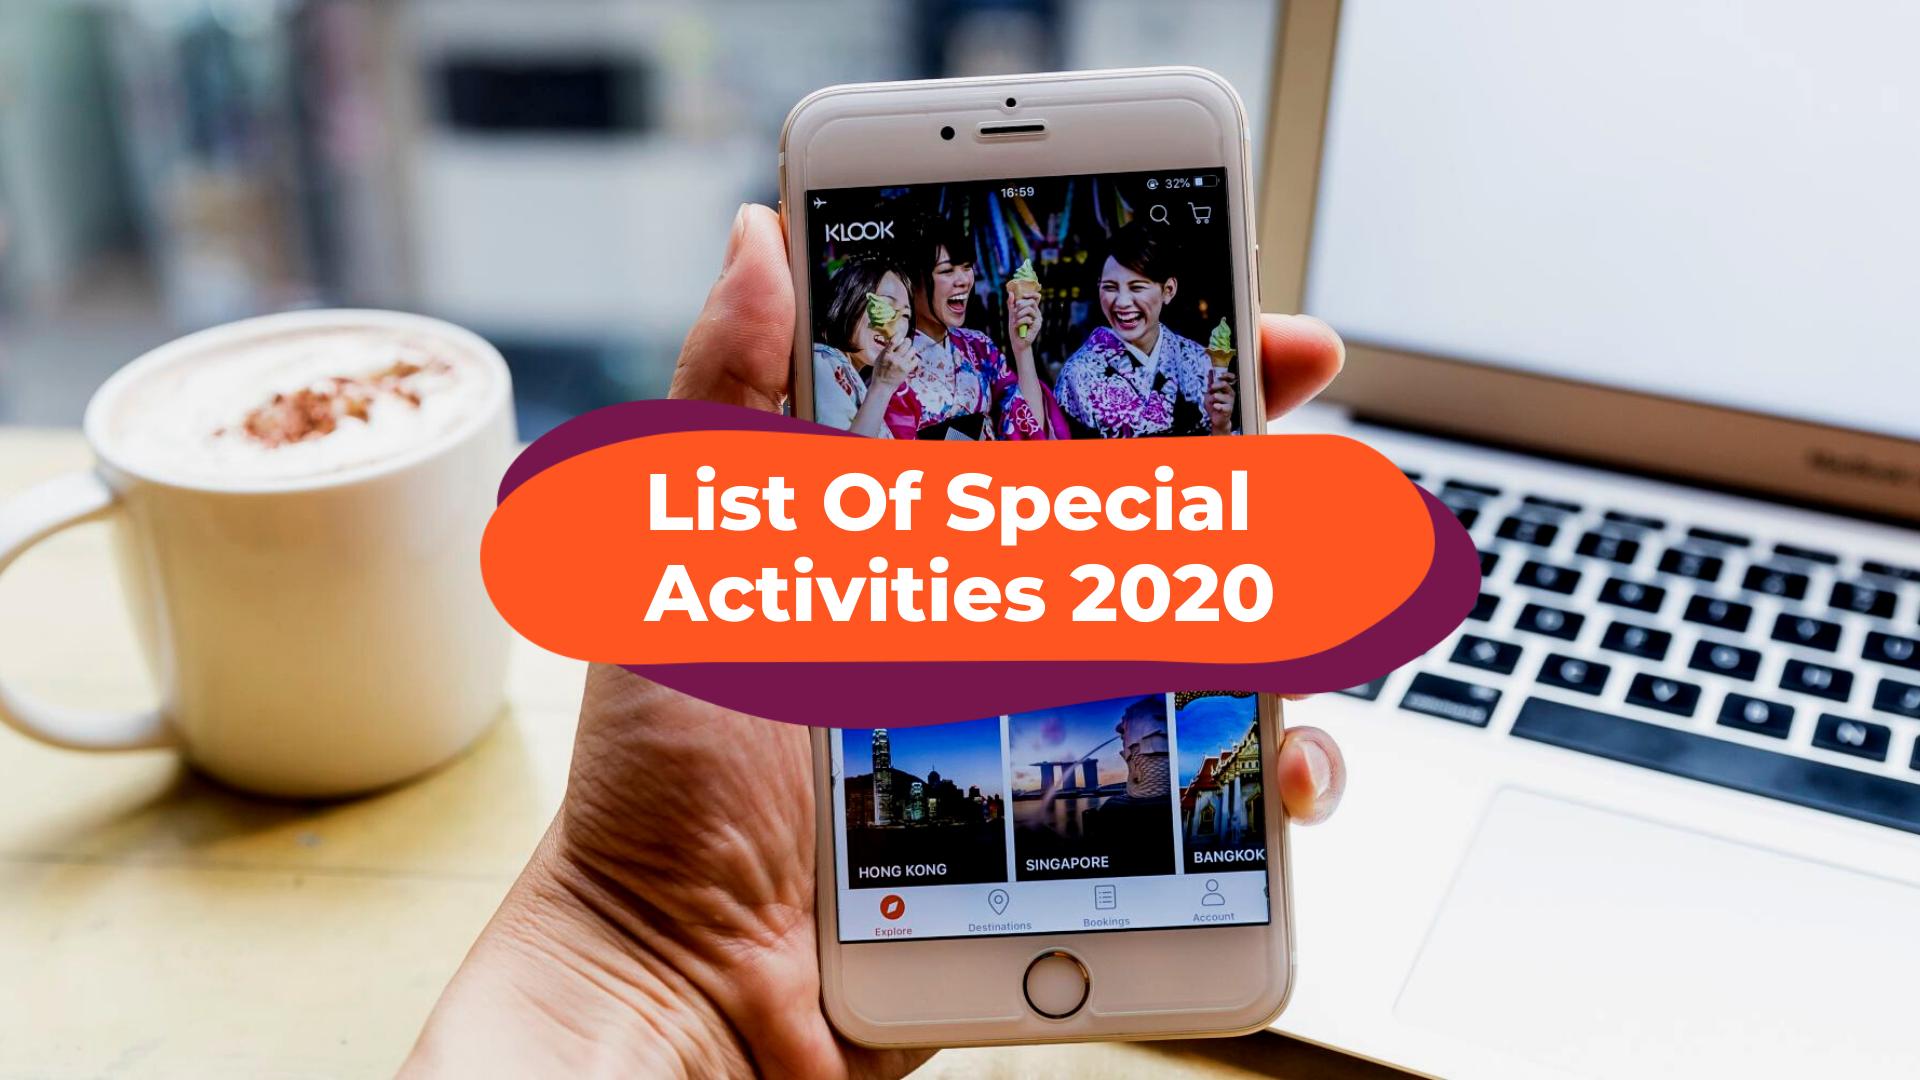 Klook List Of Special Activities 2020